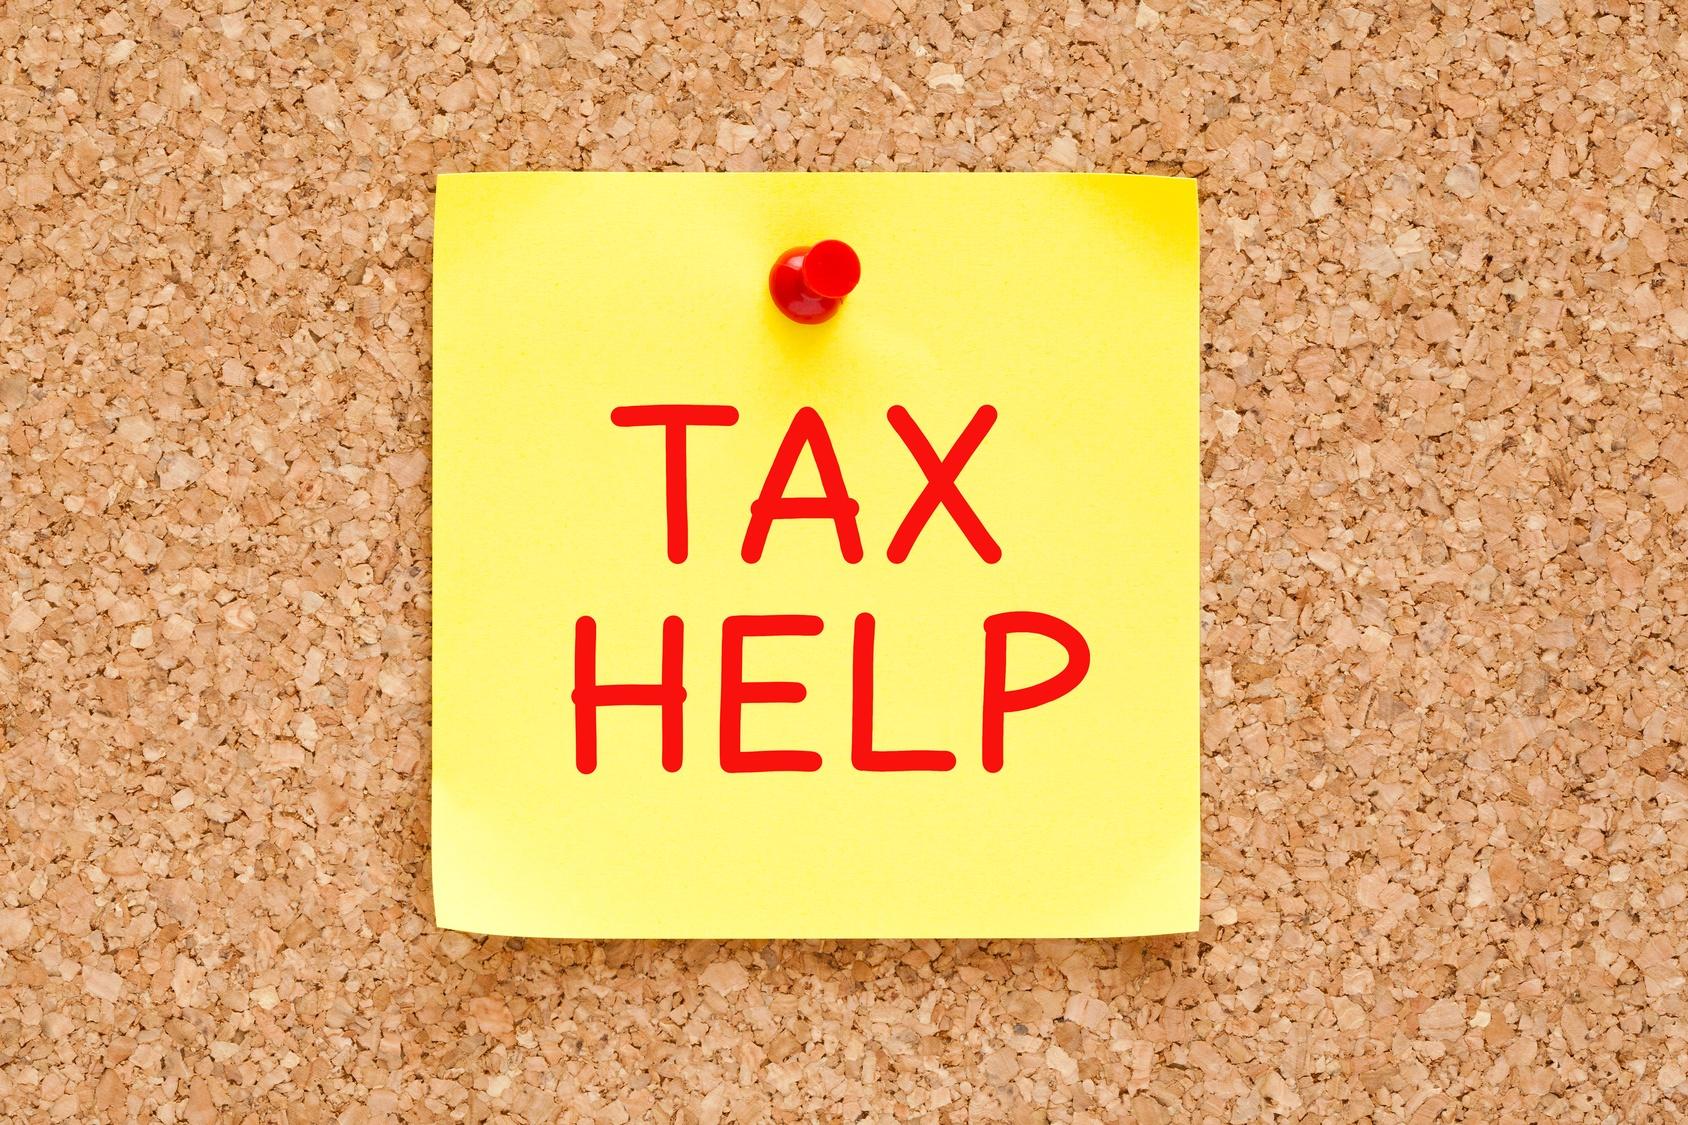 Tax_Help.jpg